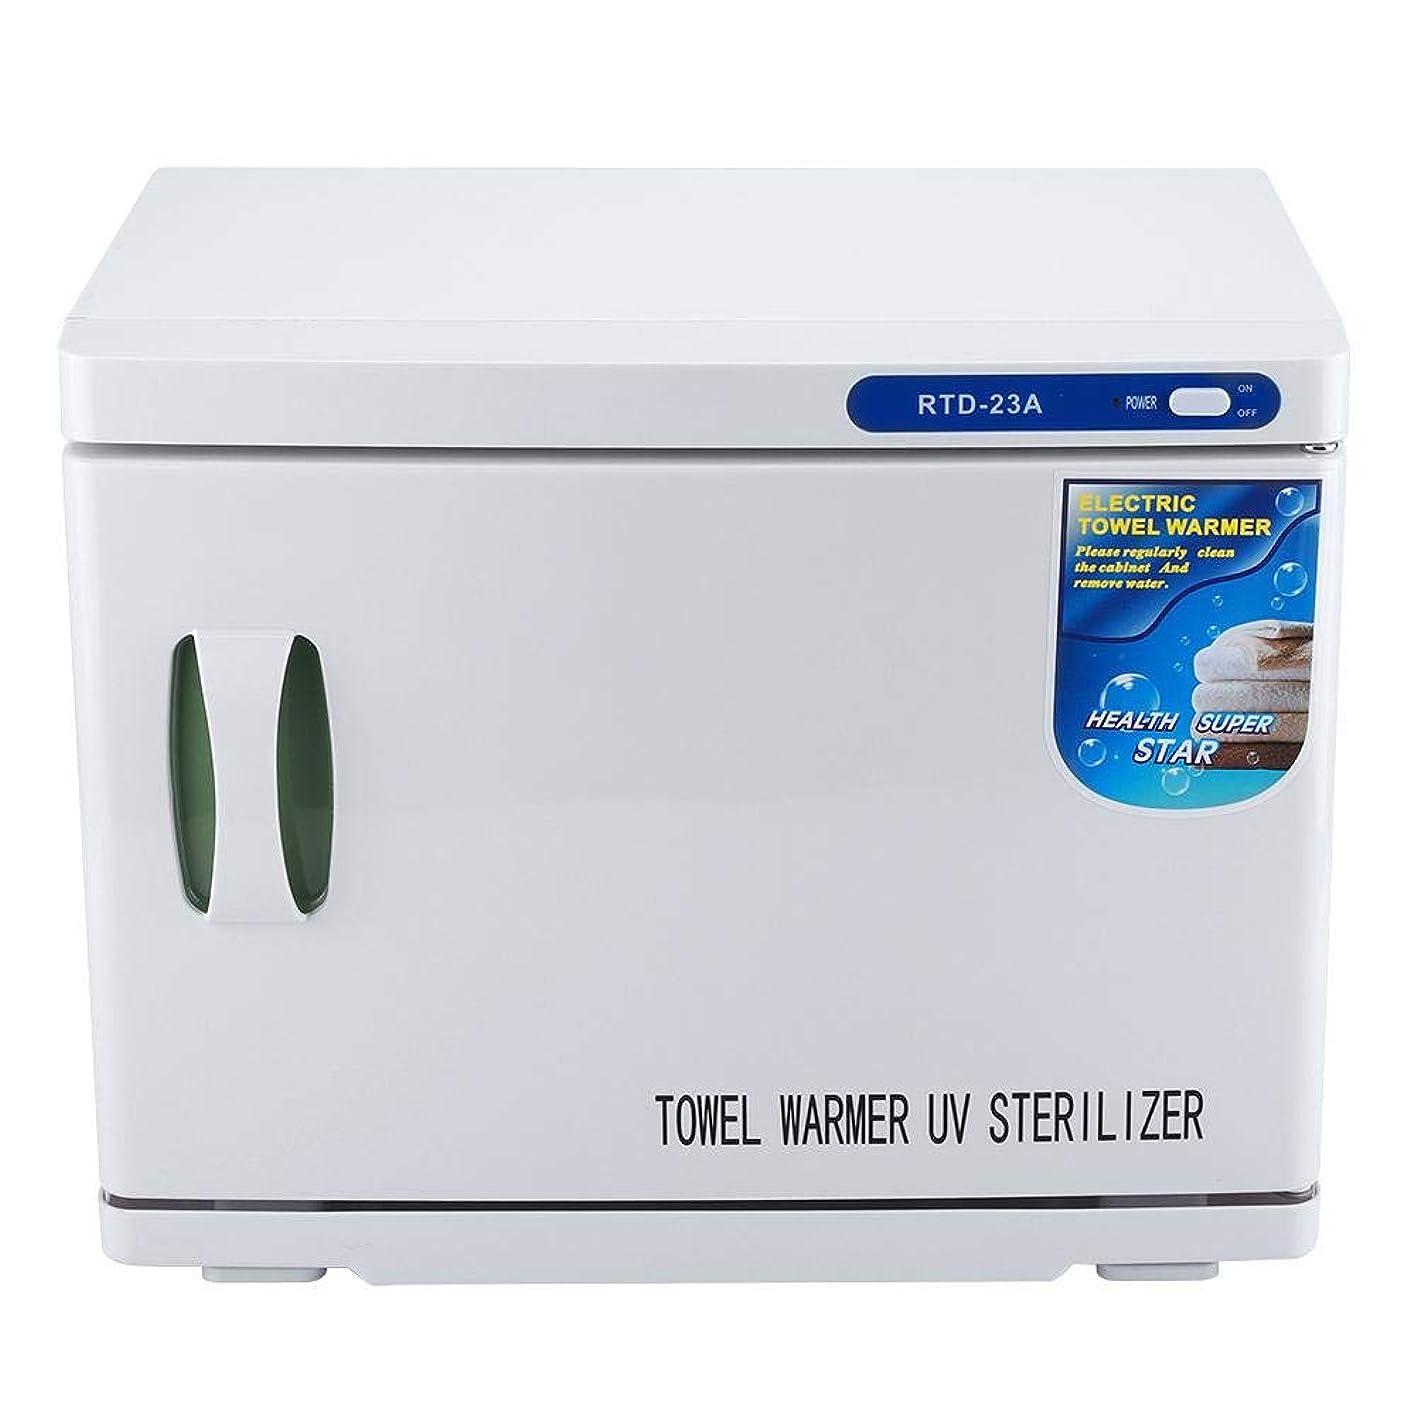 運賃一目インド23Lタオルウォーマー 2段階タオル消毒キャビネット ホットボックス消毒 加熱温度60℃±10℃ ドレーン受付き 蒸し器 除菌抗菌 紫外線 扉横開き仕様 家庭用 オフィス用 ホテル(us plug)